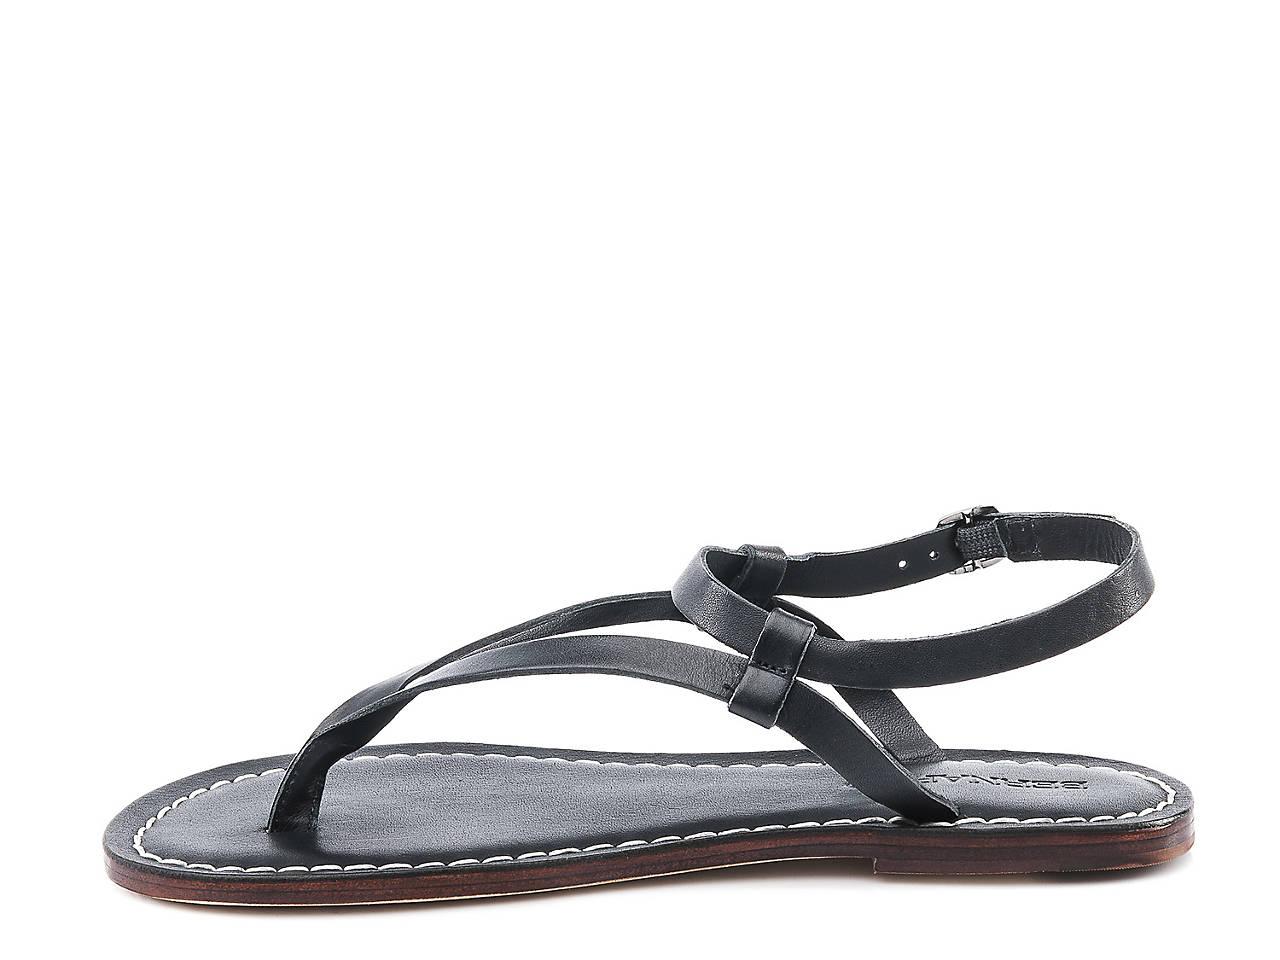 4f217d85b4e Bernardo Merit Flat Sandal Women s Shoes